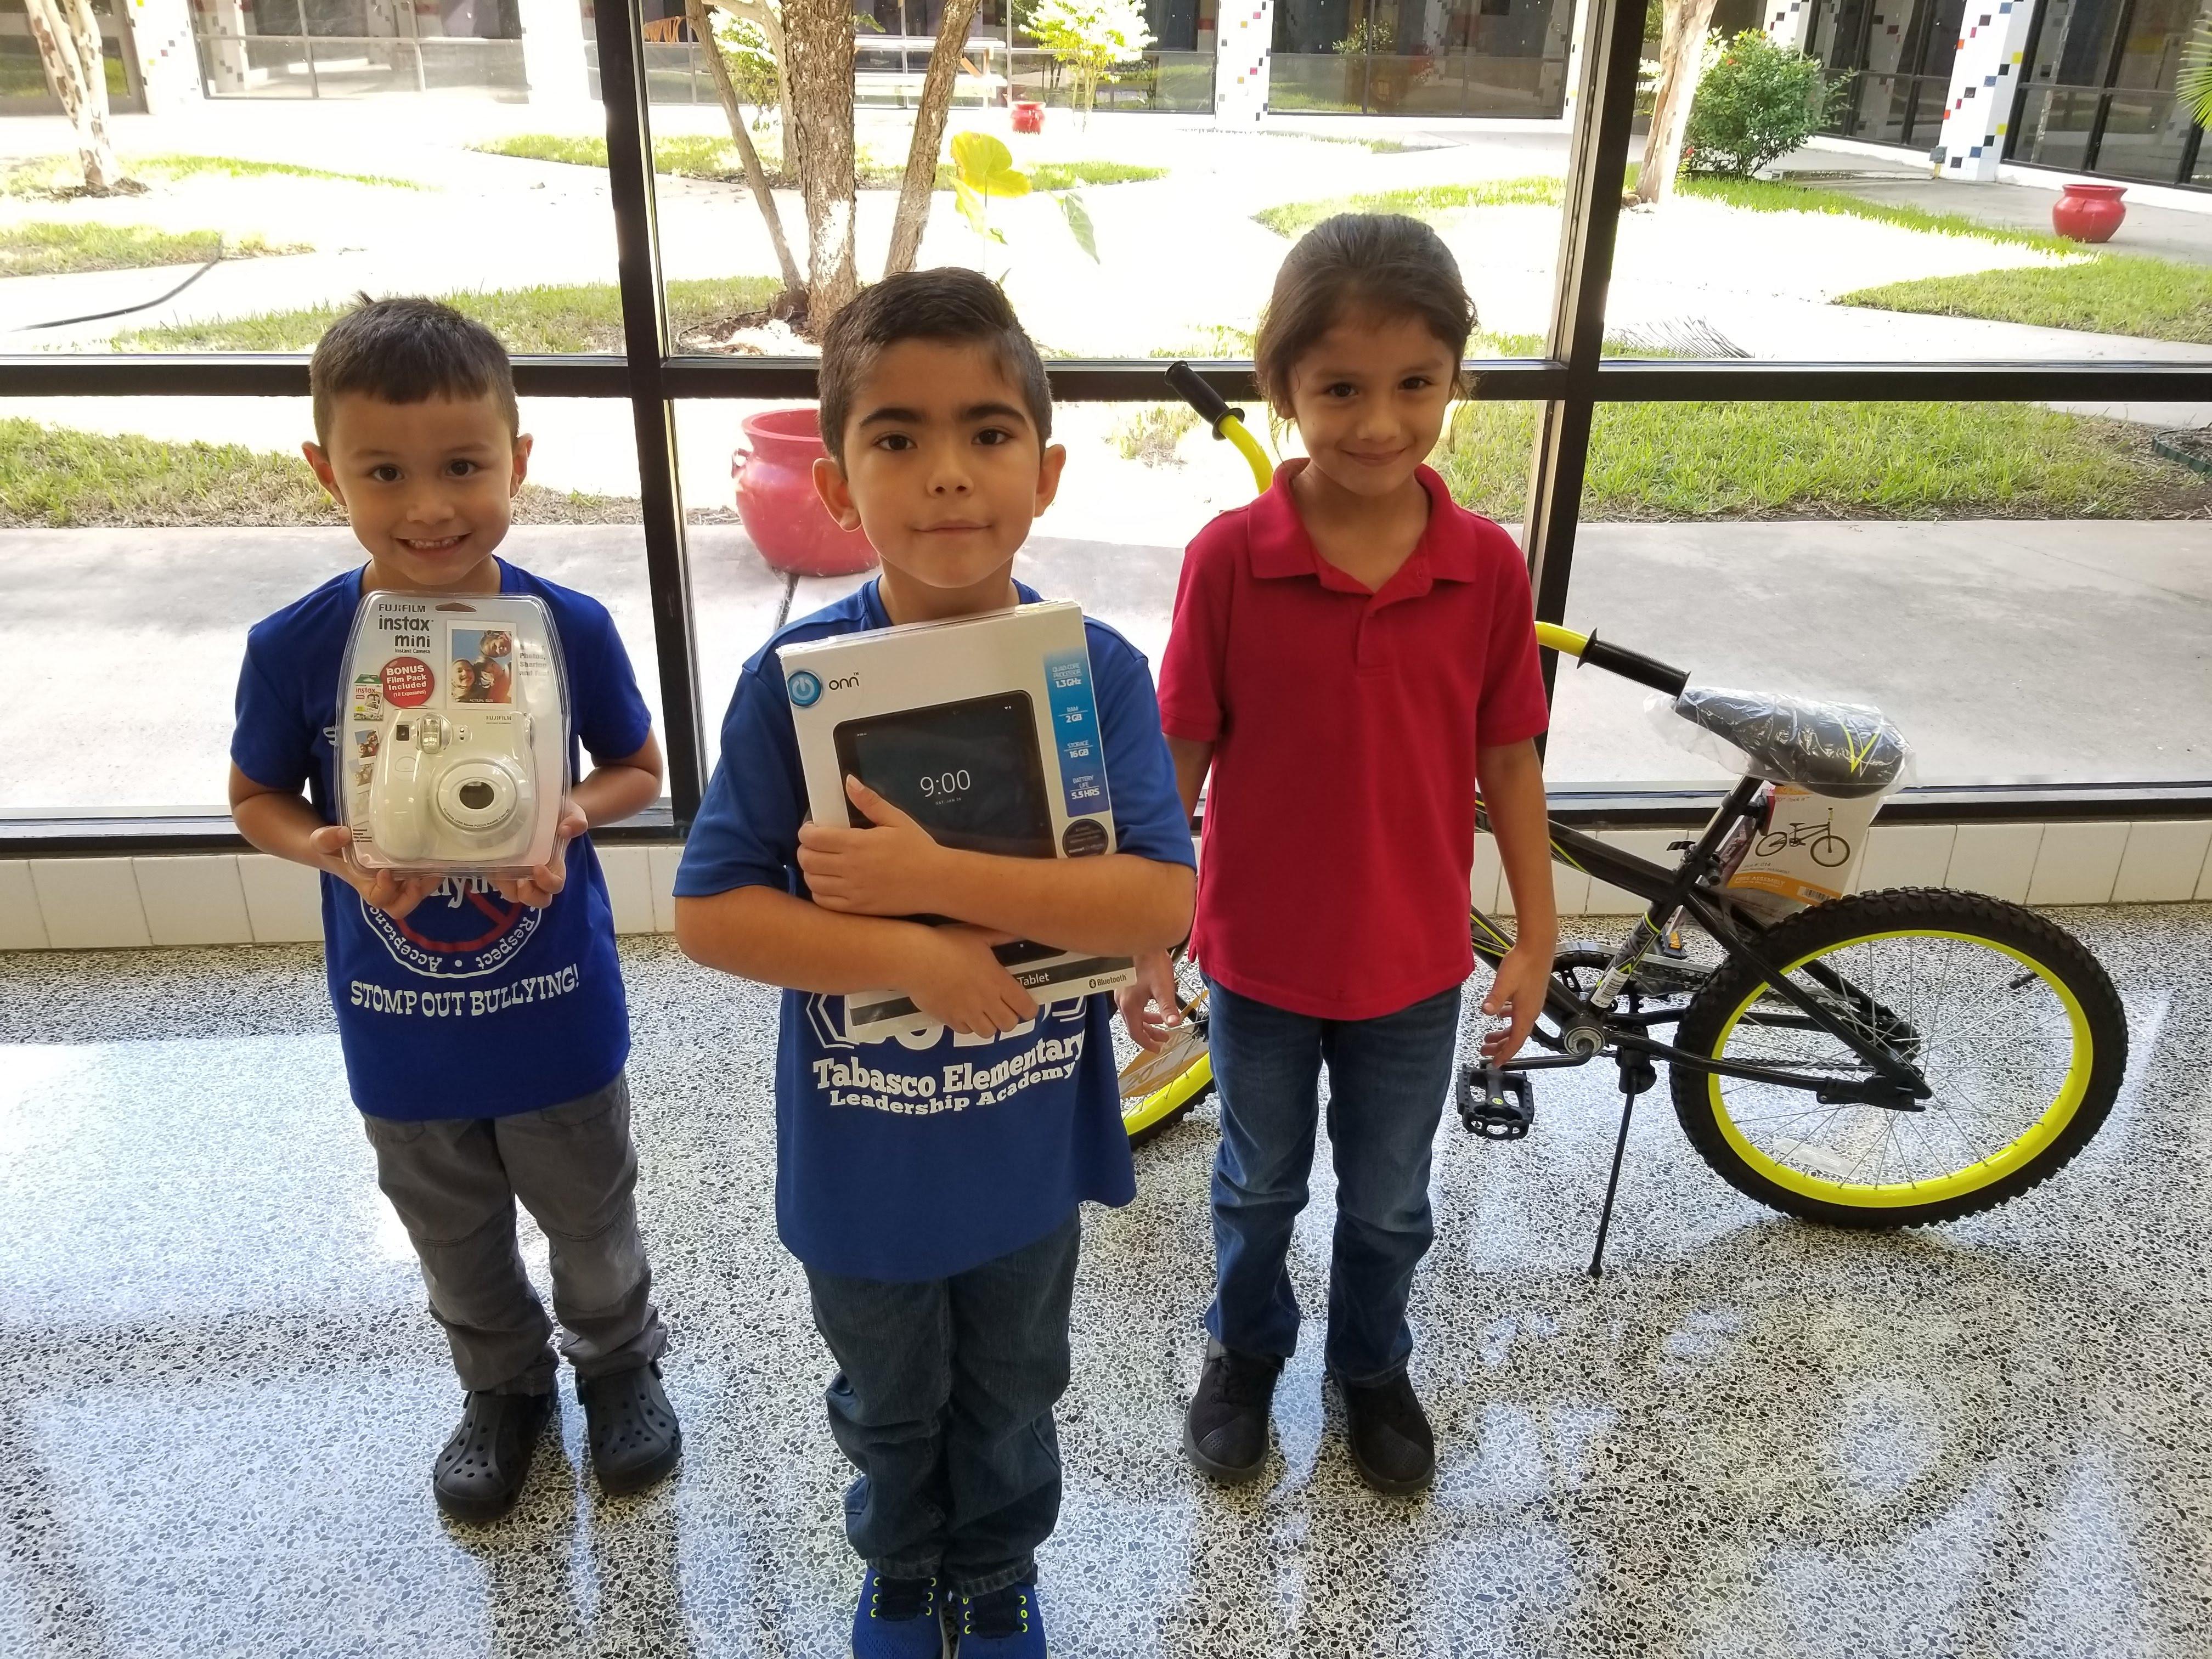 Lower Grades: 1st Place - Toby Luna; 2nd Place - Edren Leanos; 3rd Place - Jordan Lara